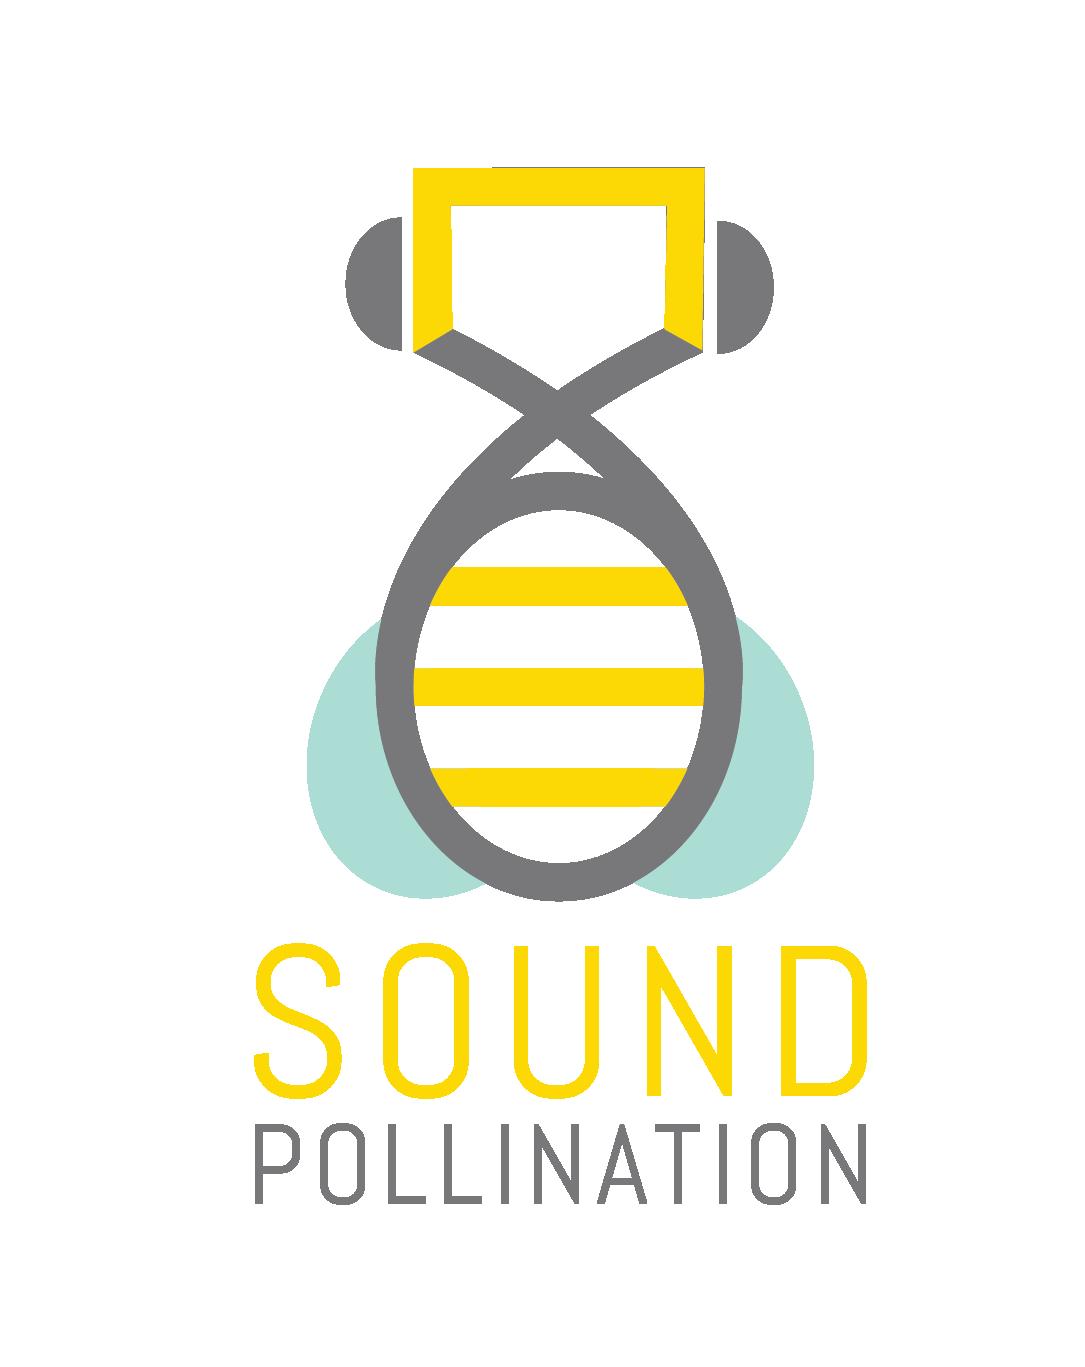 soundpollination_color-03.png